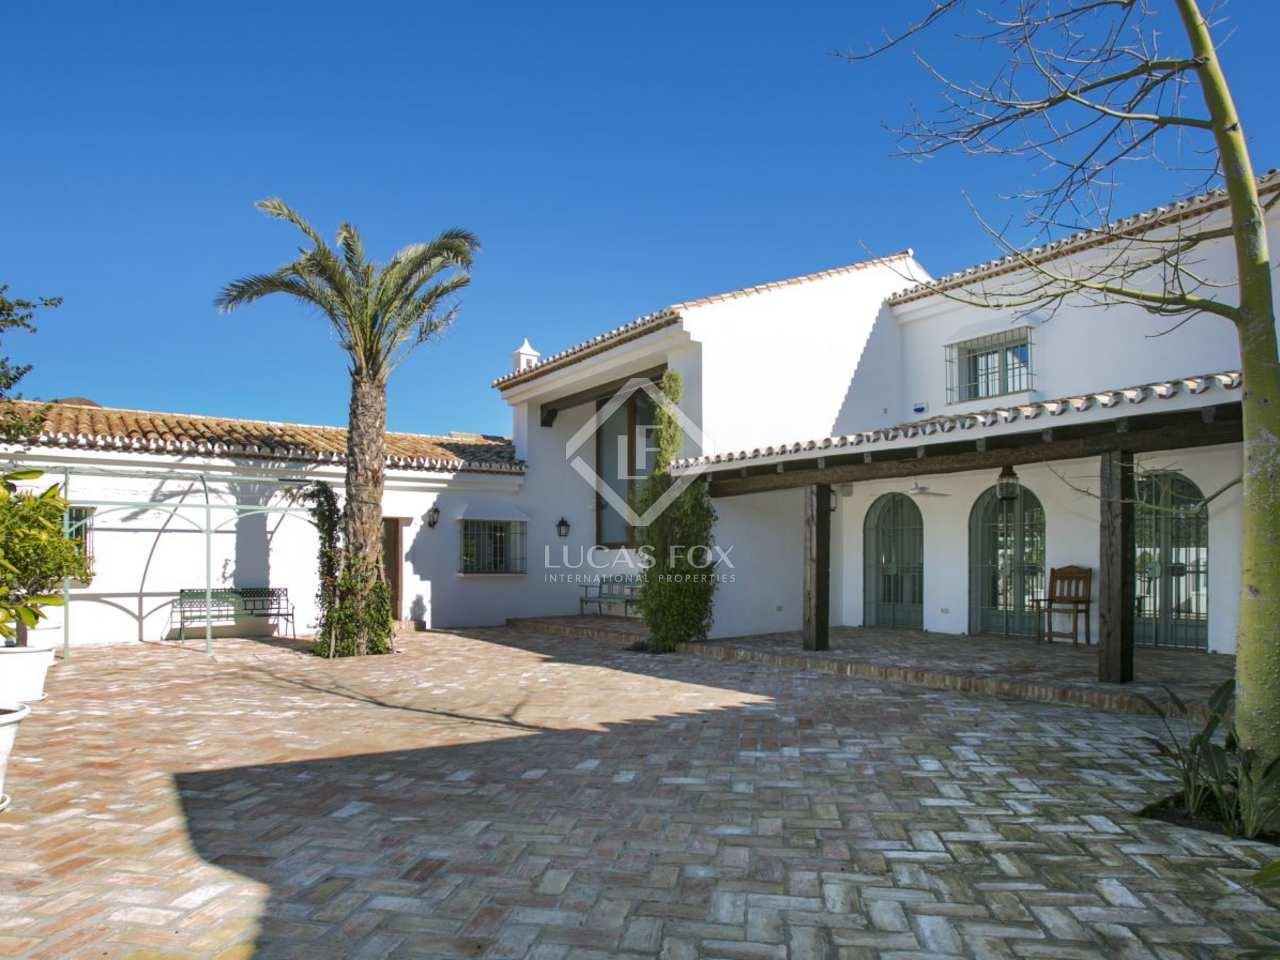 Casa de lujo en venta en la mairena marbella - Casas de lujo en marbella ...